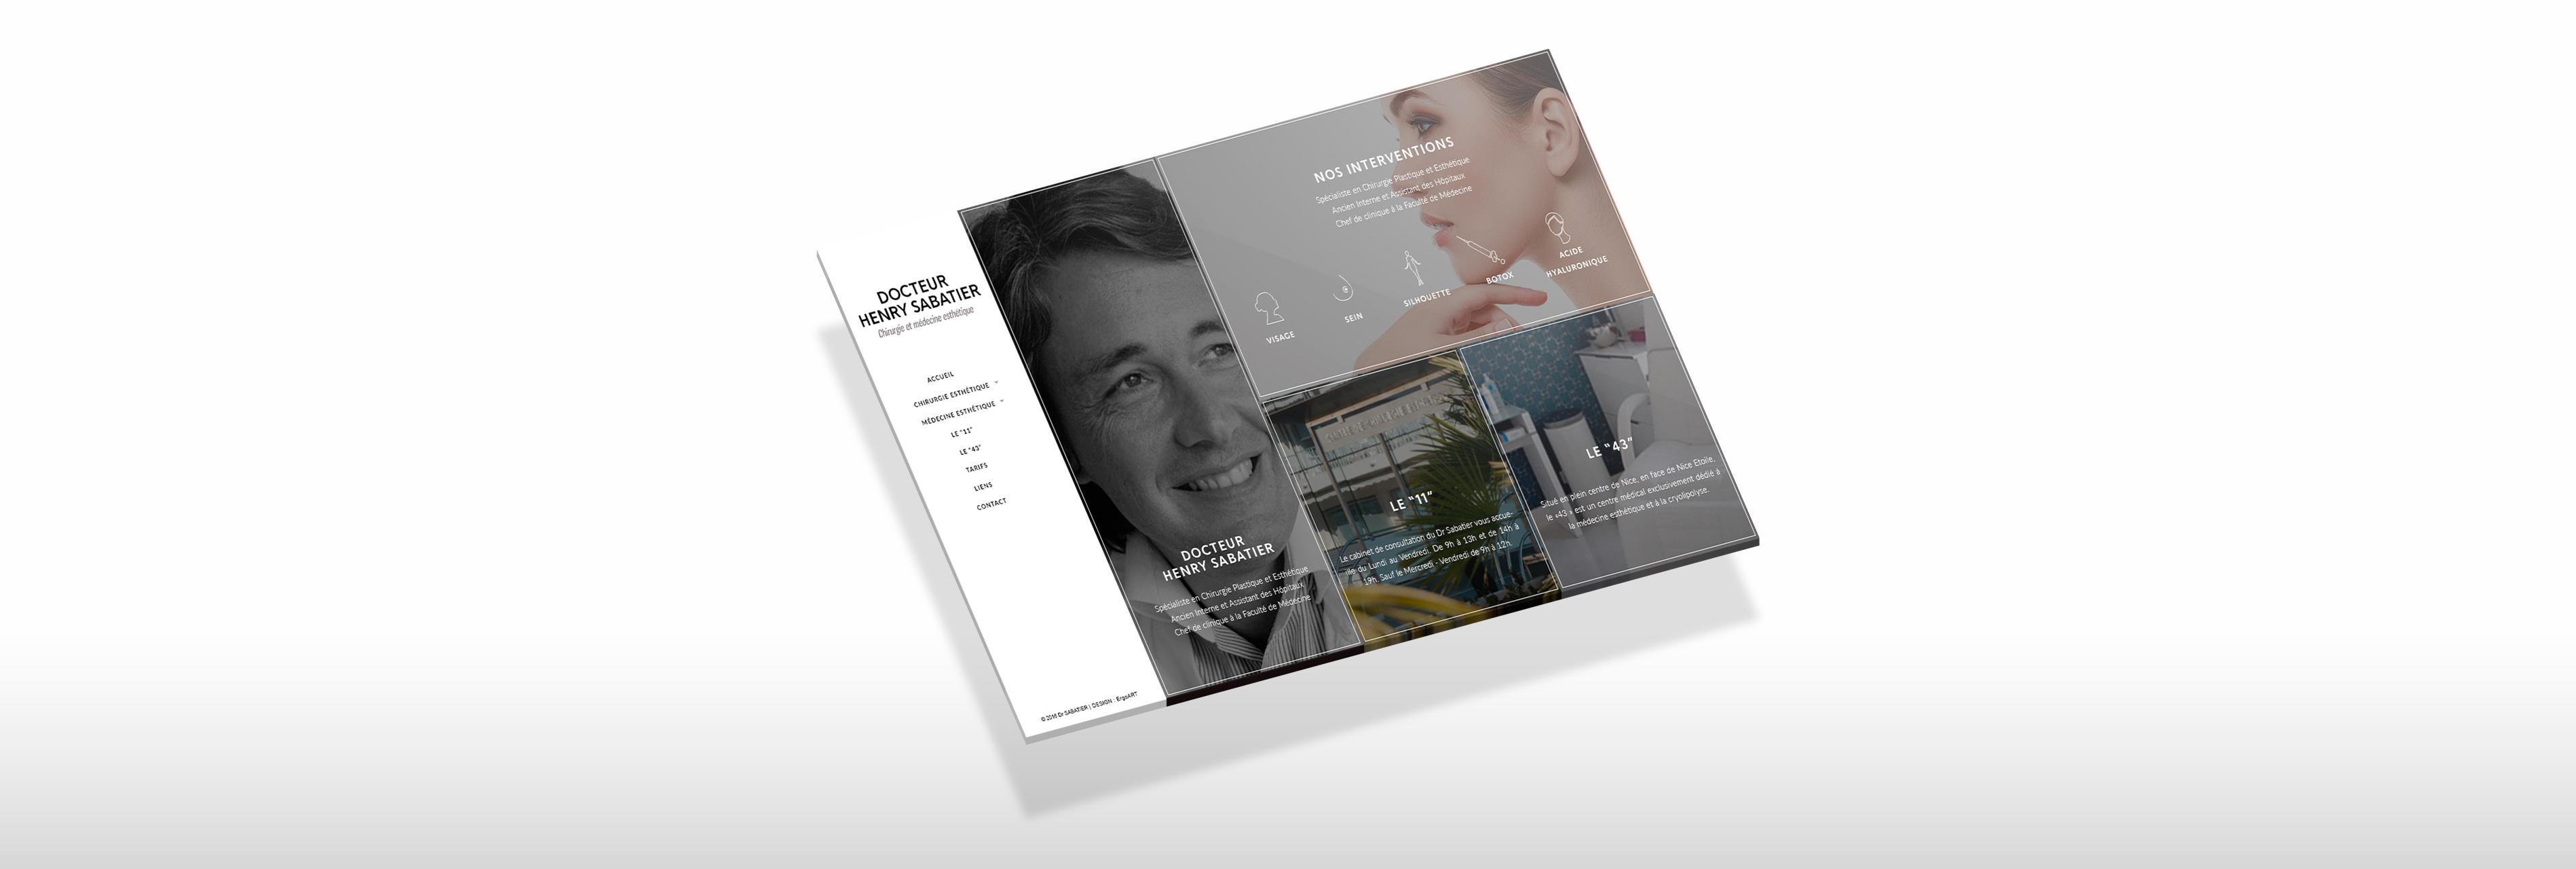 sabatier-reponsive-website